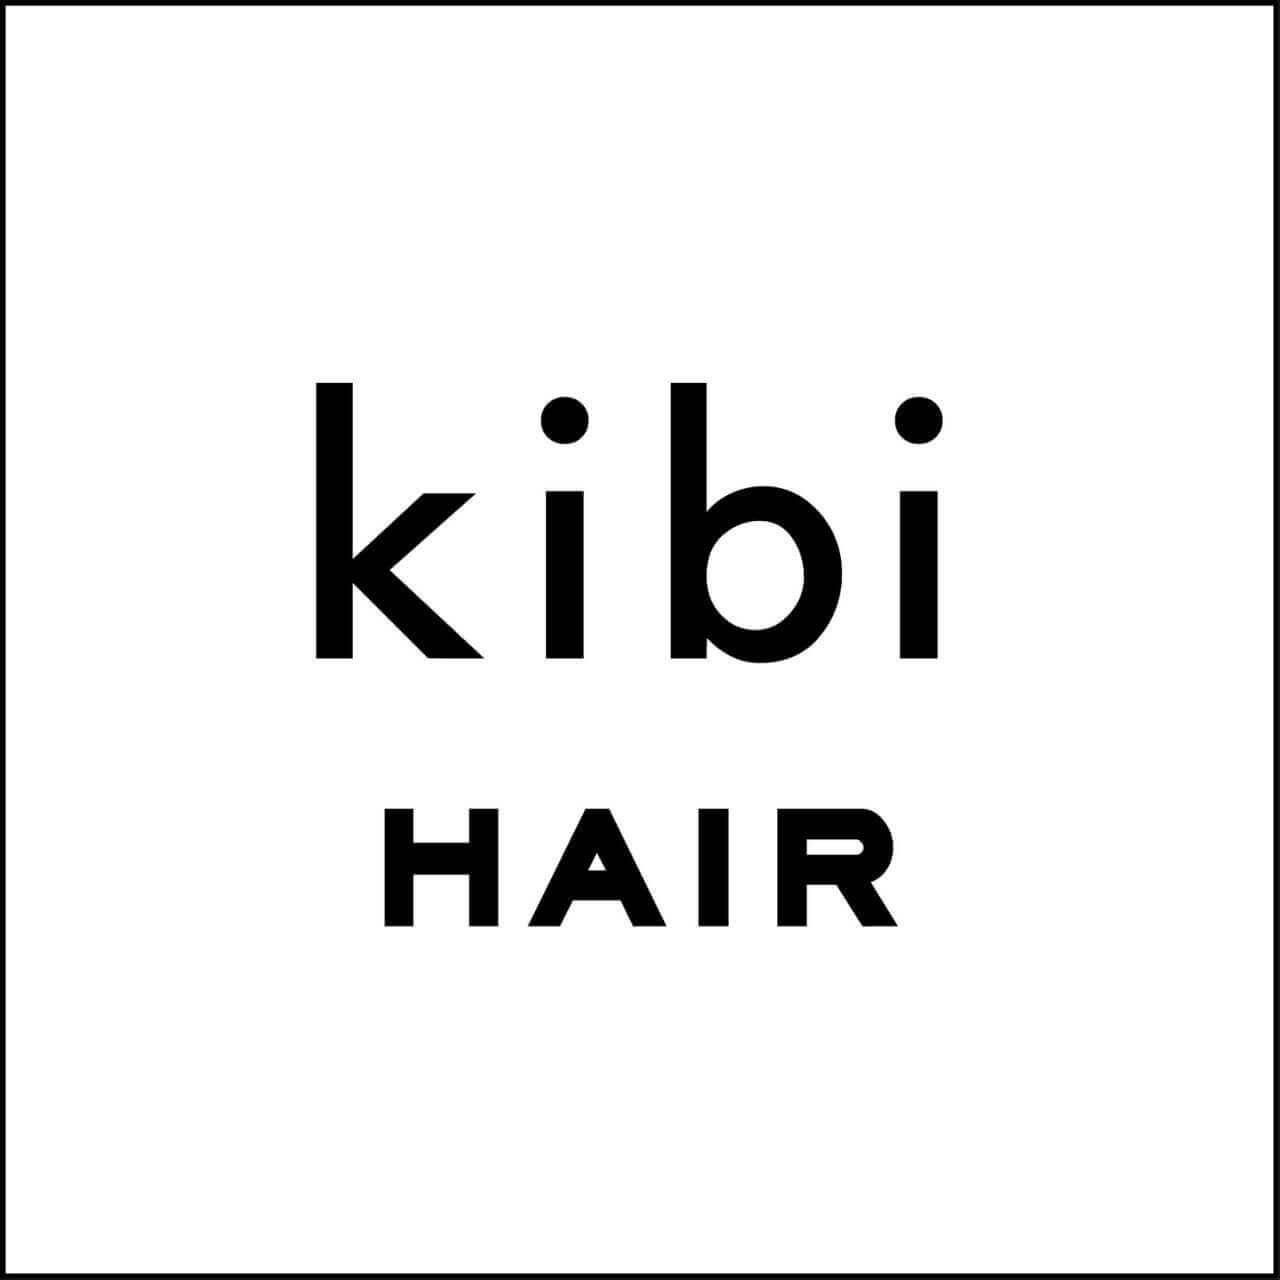 kibi HAIR logo